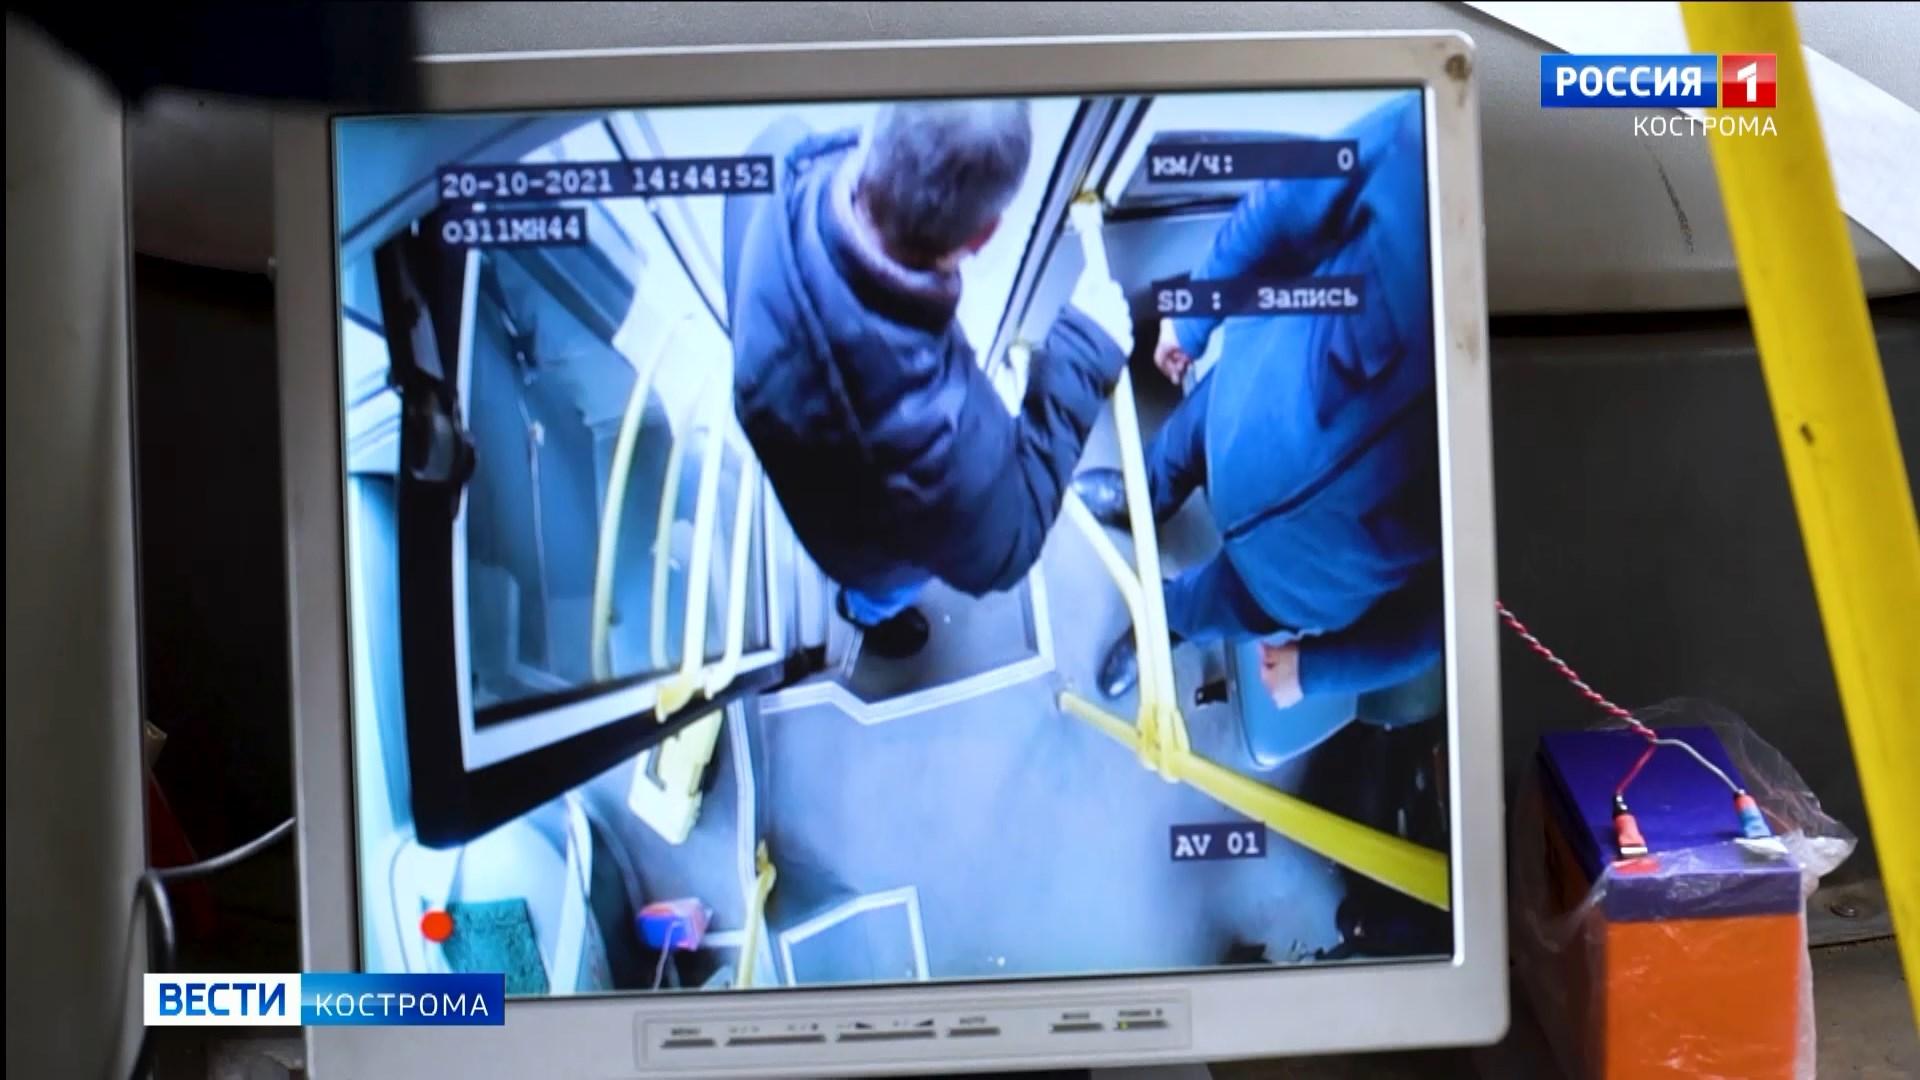 Горожанам предлагают дать характеристику общественному транспорту Костромы